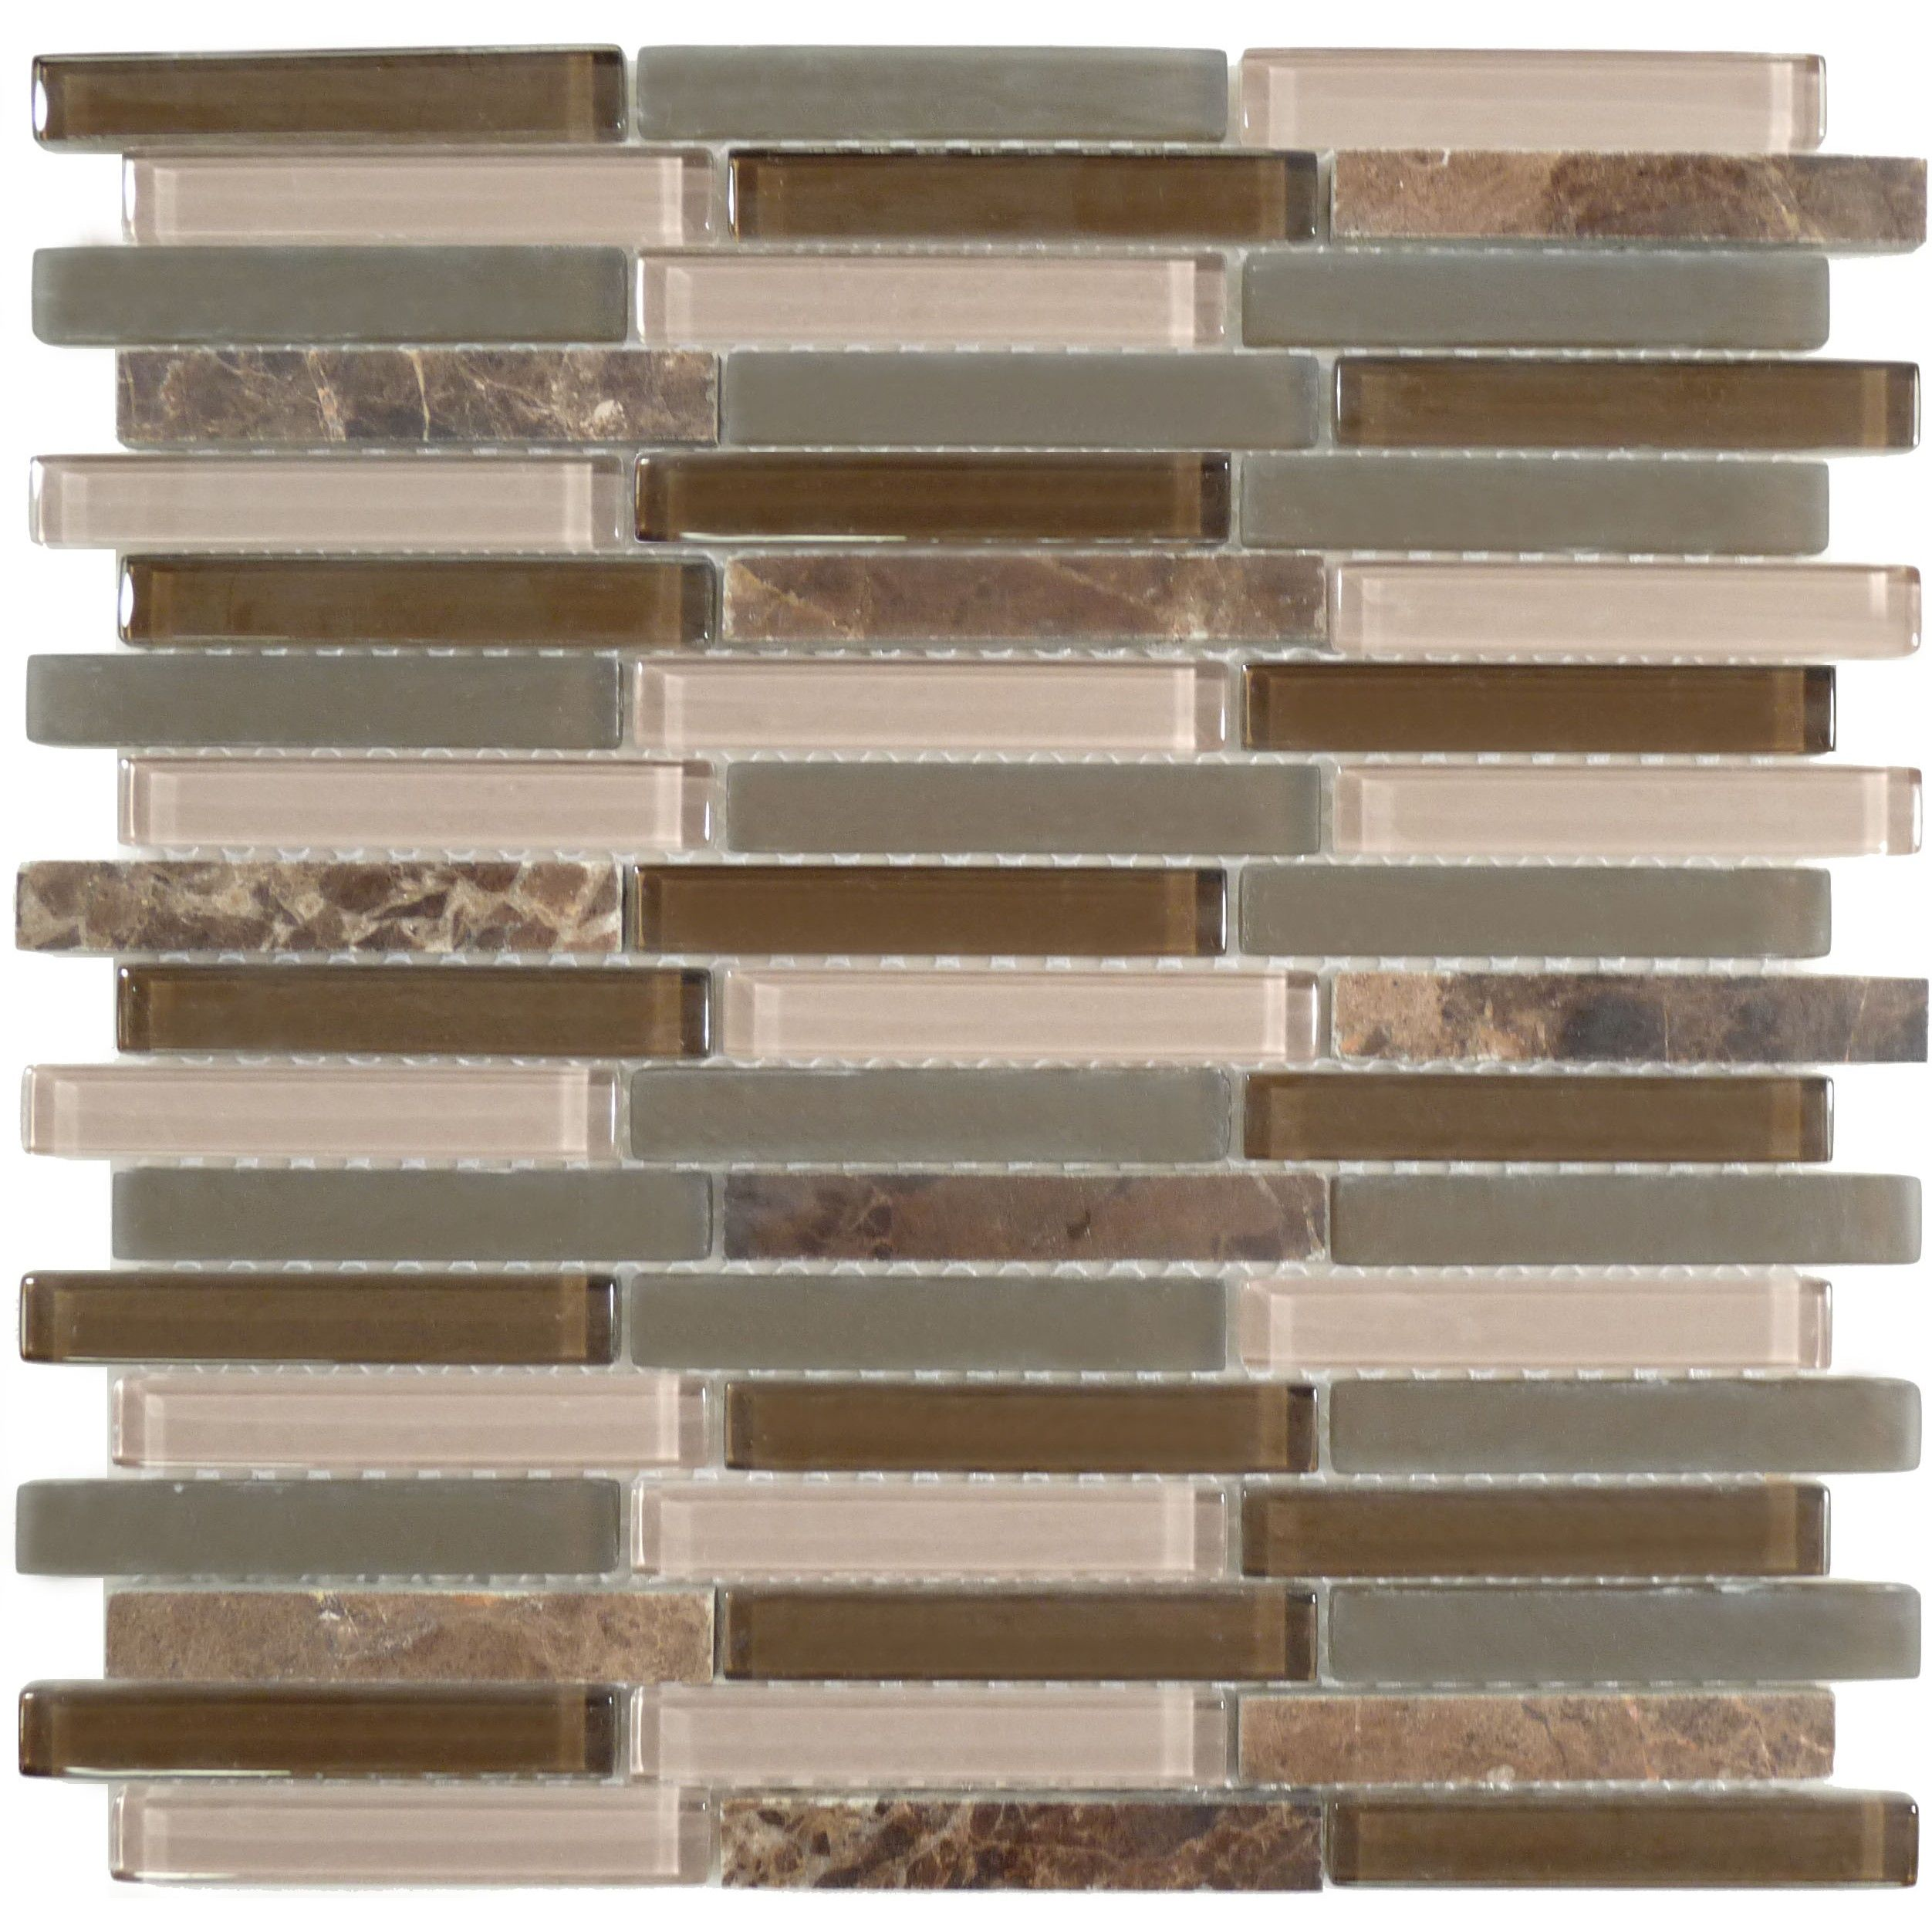 Sheet Size 11 5 8 X 12 Tile 1